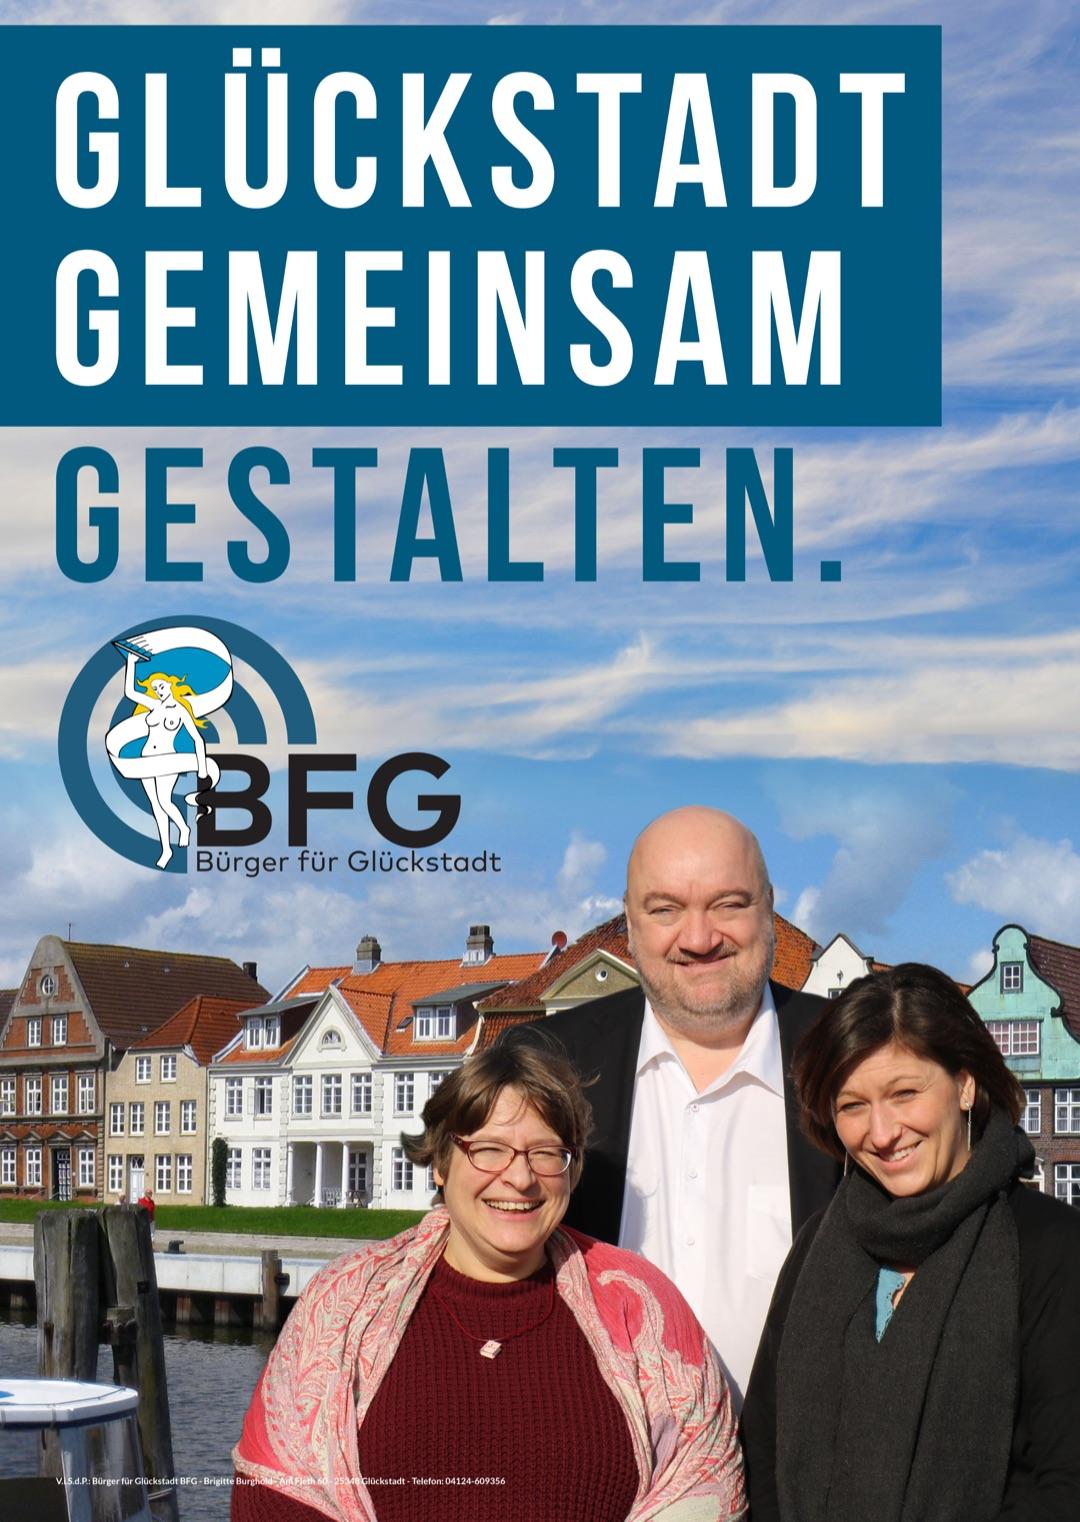 BFG - Glückstadt gemeinsam gestalten